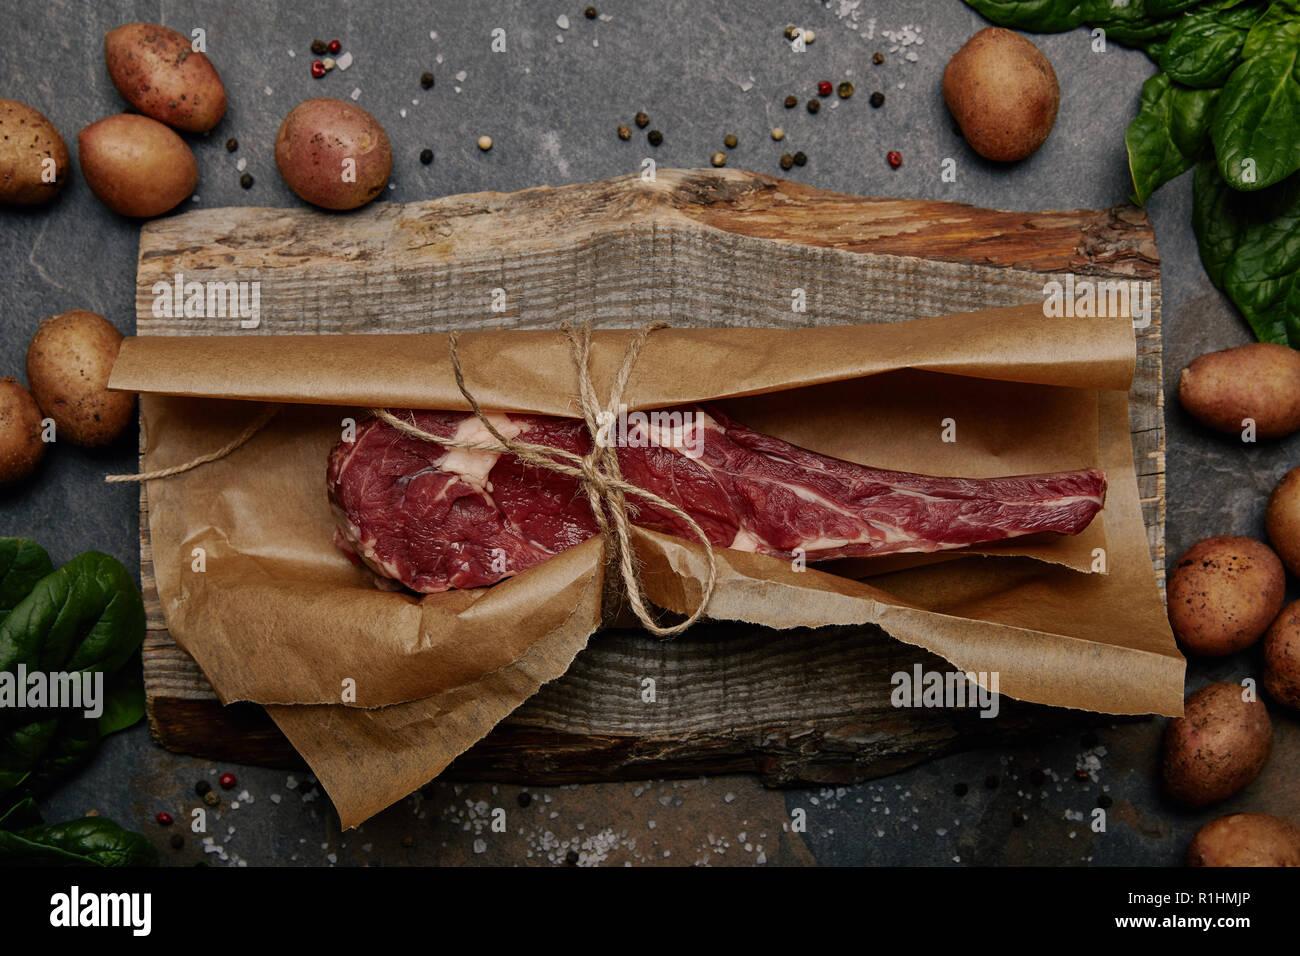 Bifteck de faux-filet cru enveloppés dans du papier sulfurisé sur planche de bois avec des épices et pommes de terre Banque D'Images